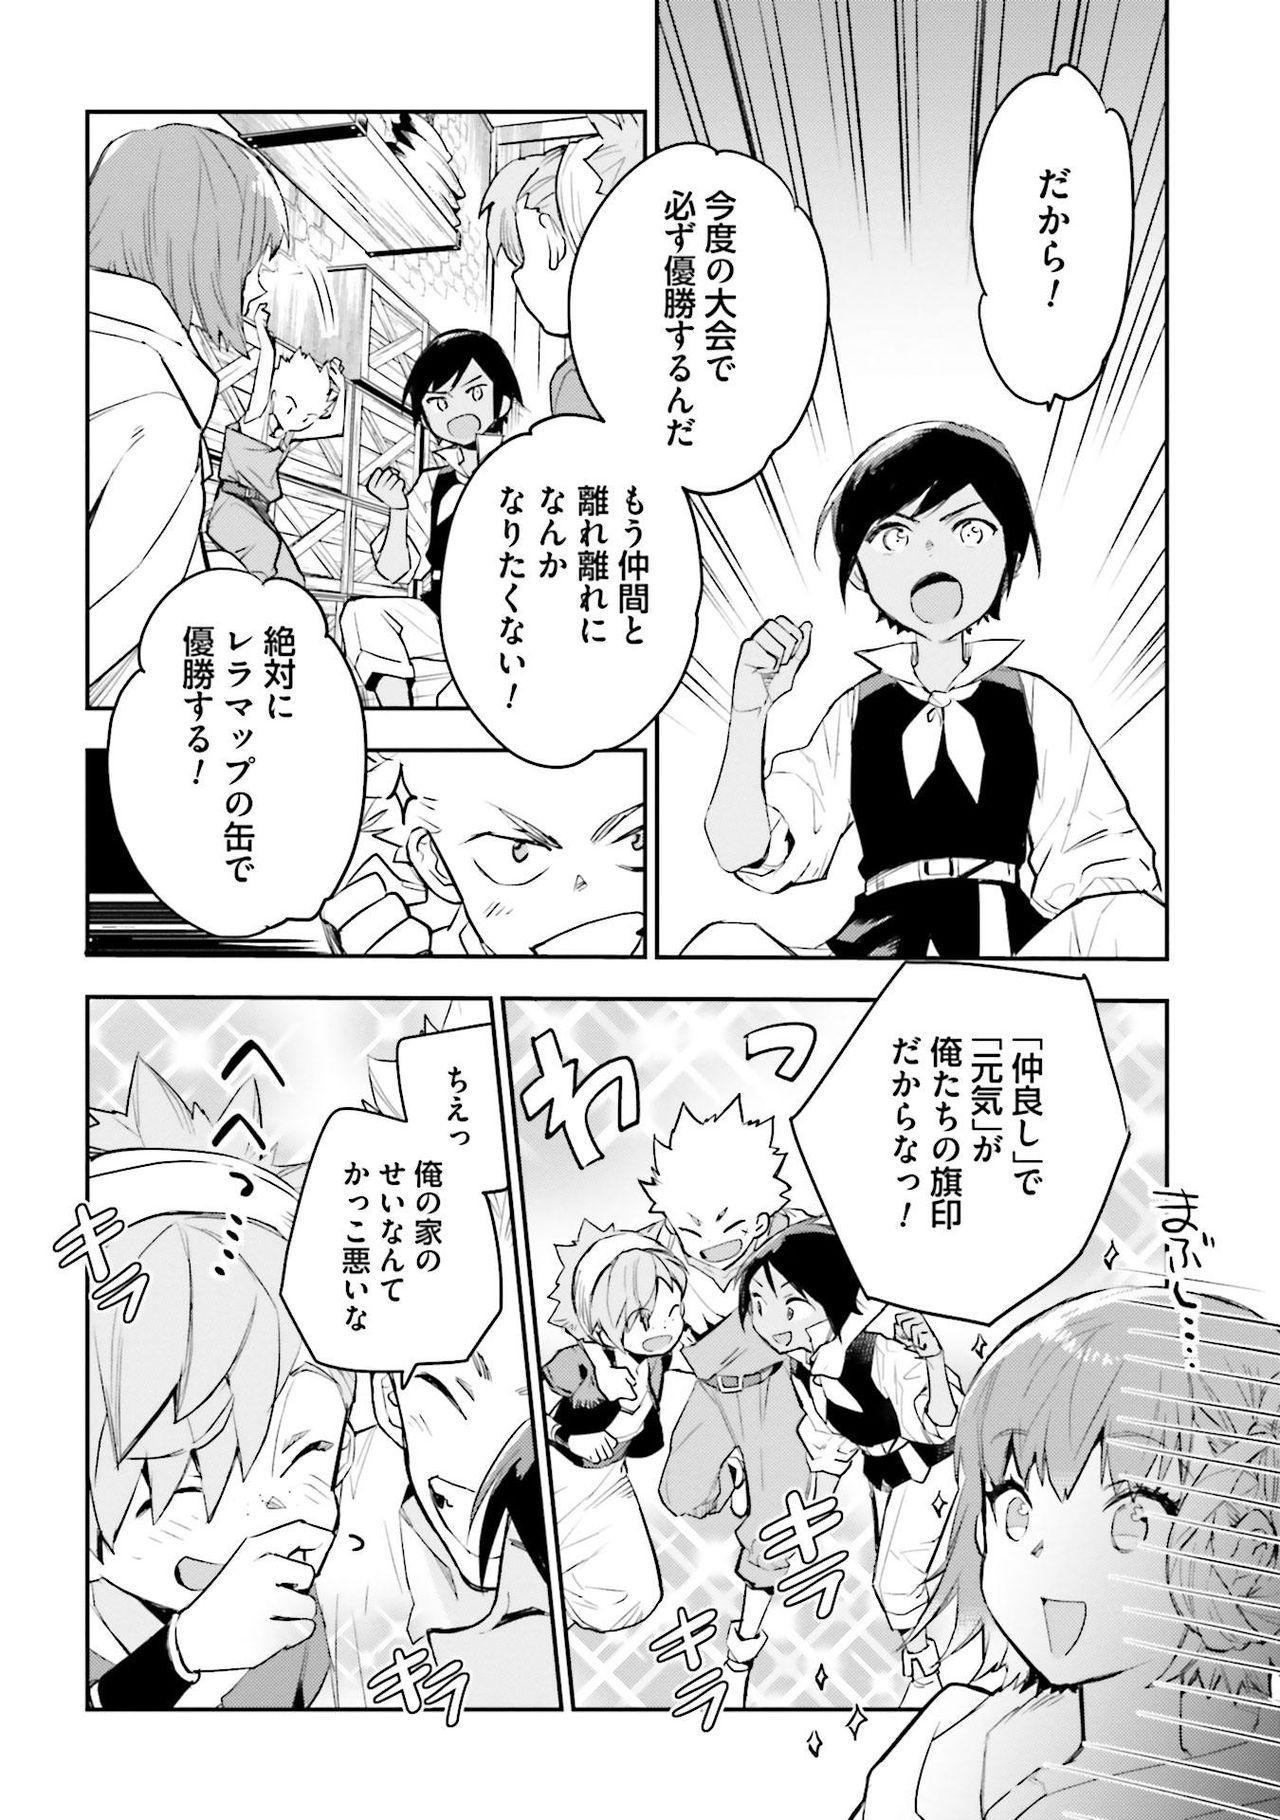 JK Haru wa Isekai de Shoufu ni Natta 1-14 381